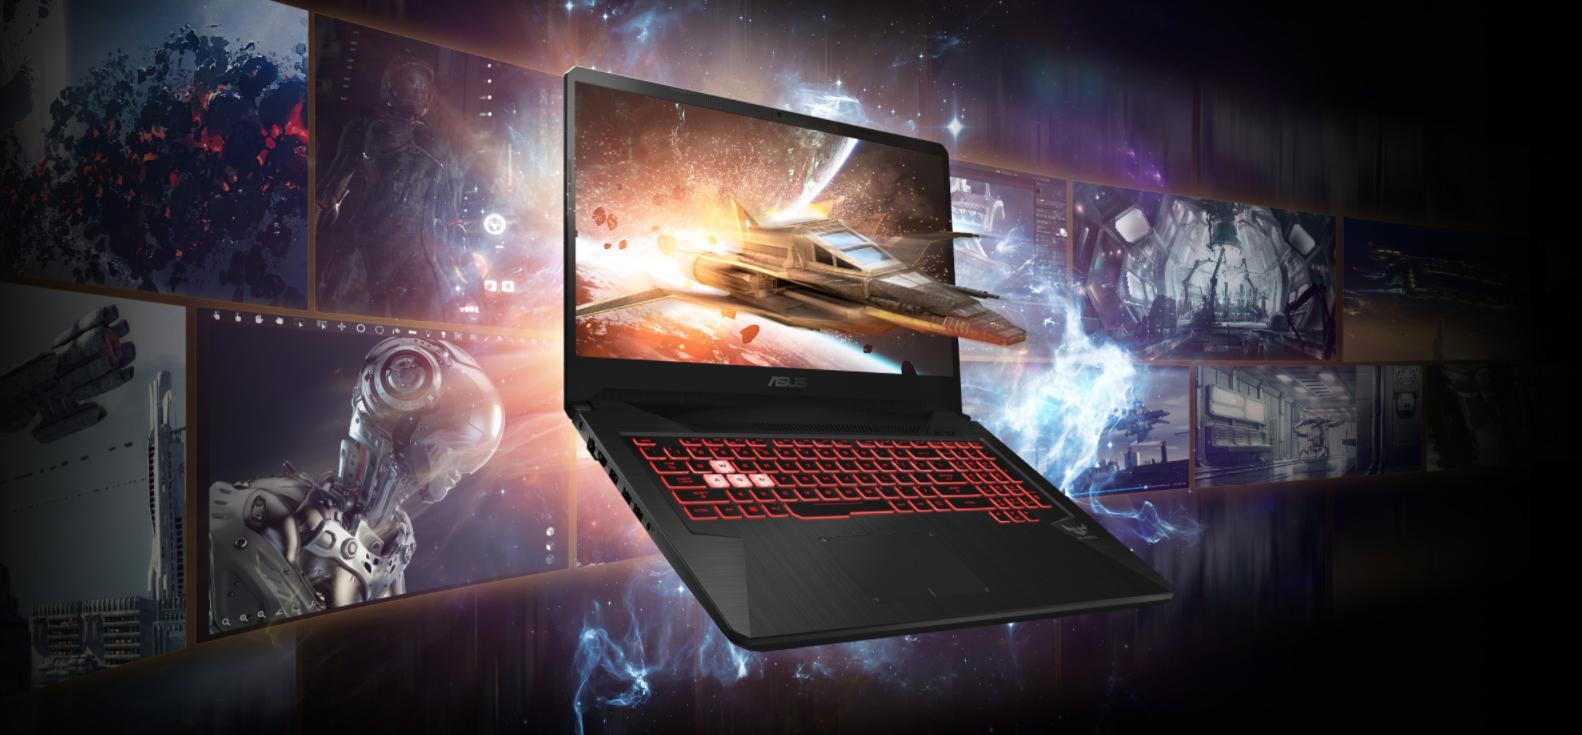 Đánh giá sản phẩm Laptop Asus TUF Gaming FX705GE-EW165T 9